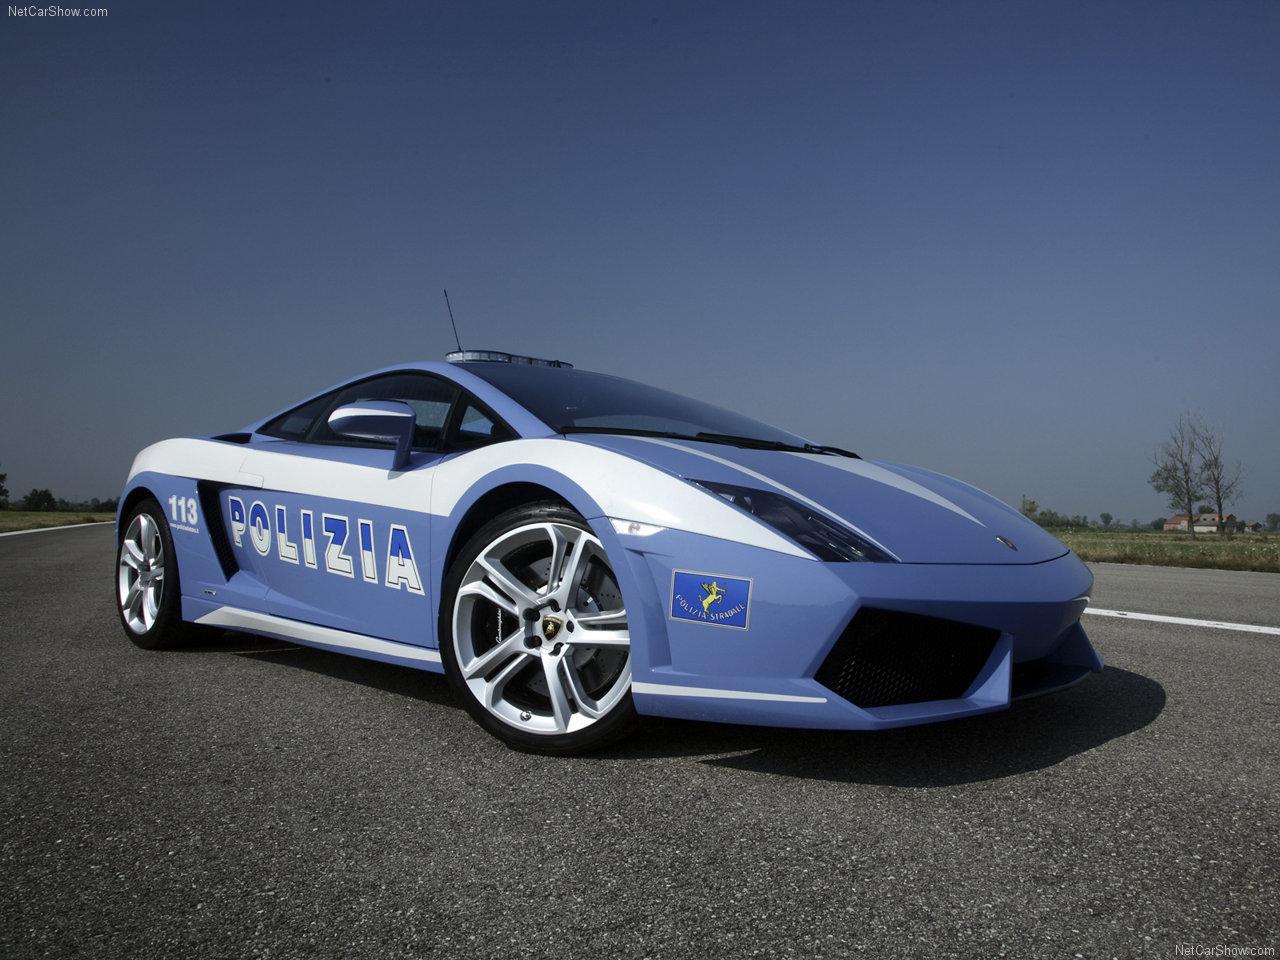 http://2.bp.blogspot.com/-mmfTK1zKX7k/TY8oYaVPOxI/AAAAAAAAA_s/f3HFVg9e6fQ/s1600/Lamborghini-Gallardo_LP560-4_Polizia_2009_1280x960_wallpaper_03.jpg